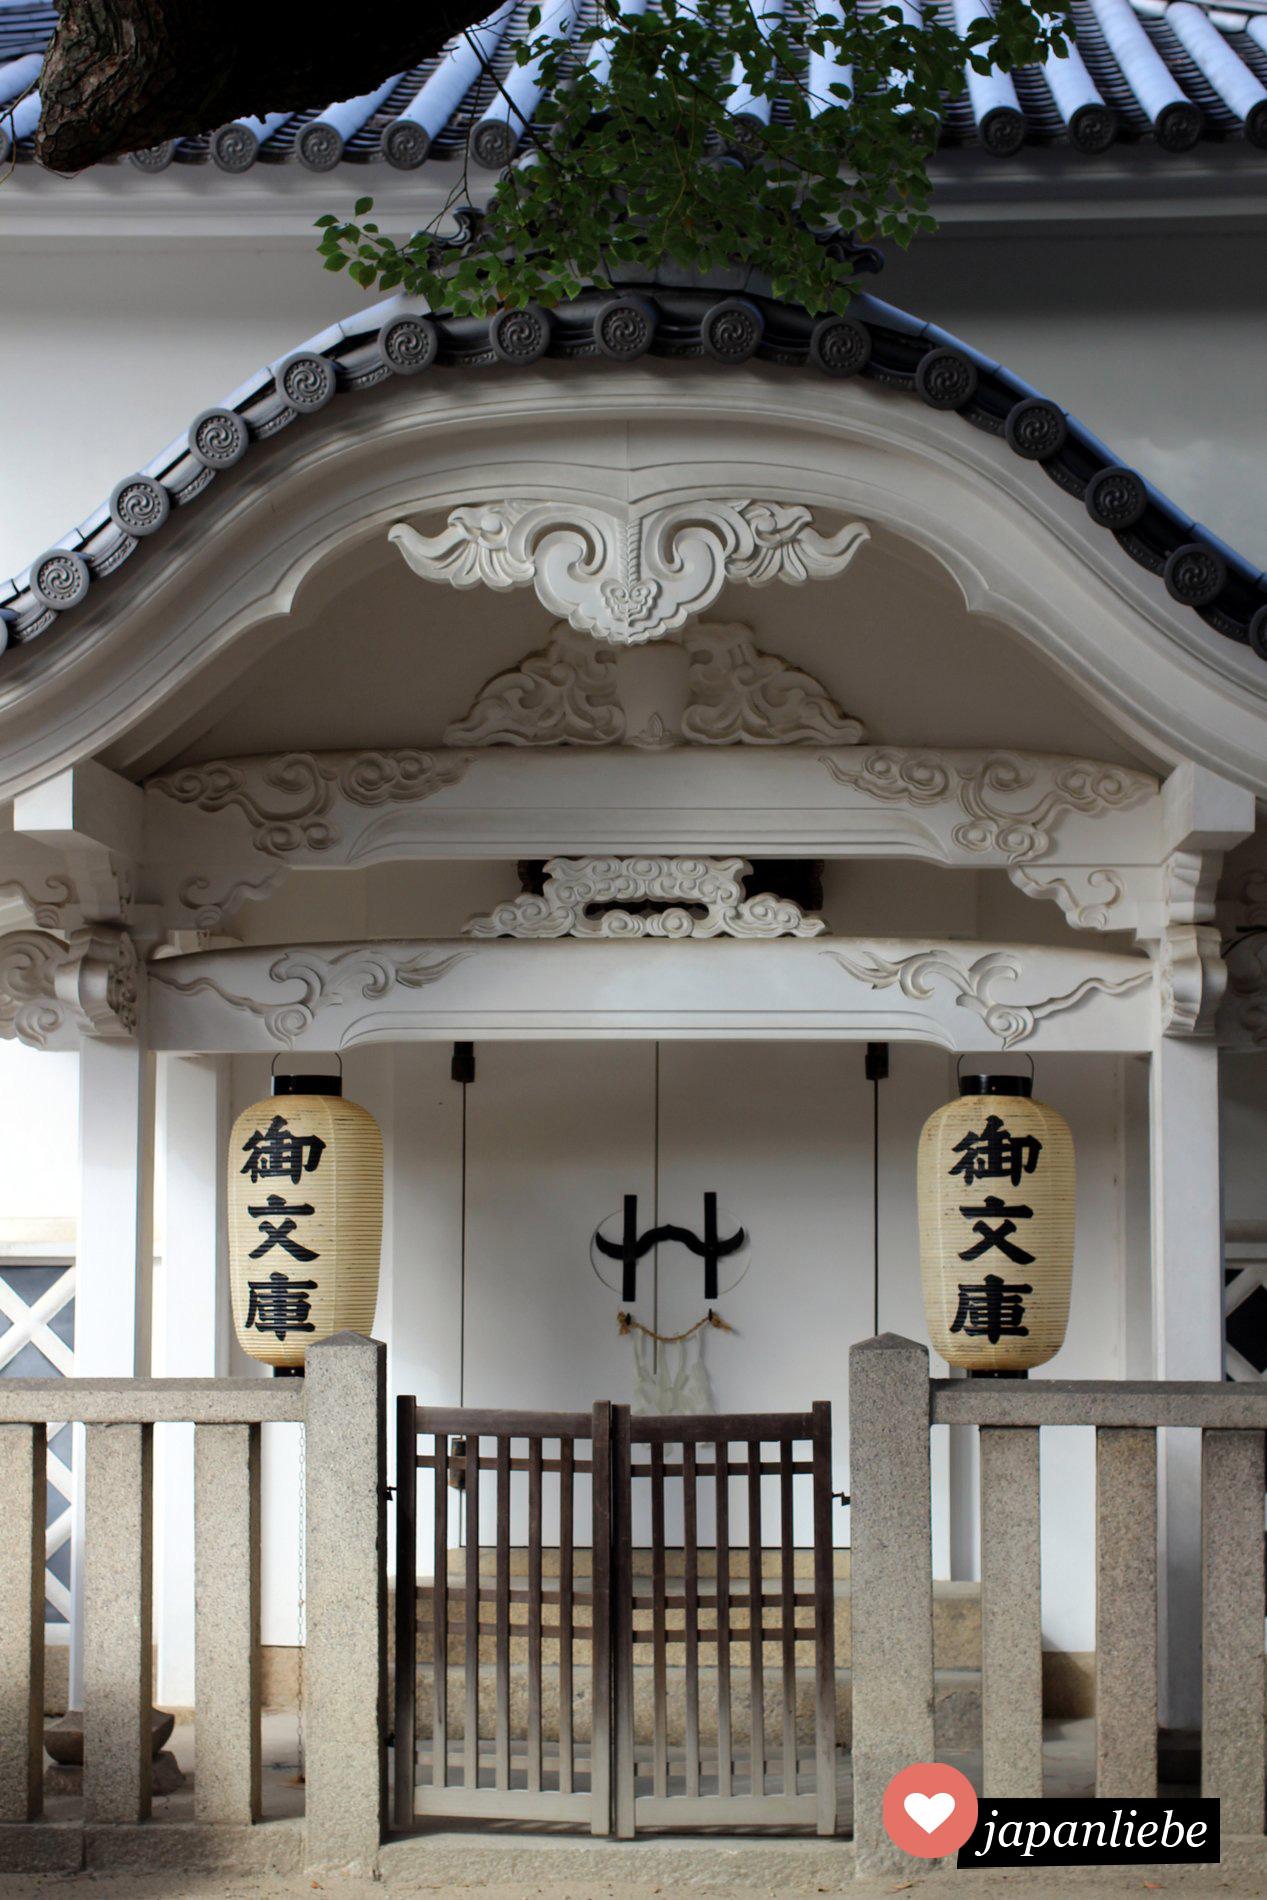 Osakas größter Bücherspeicher am Sumiyoshi Taisha Schrein